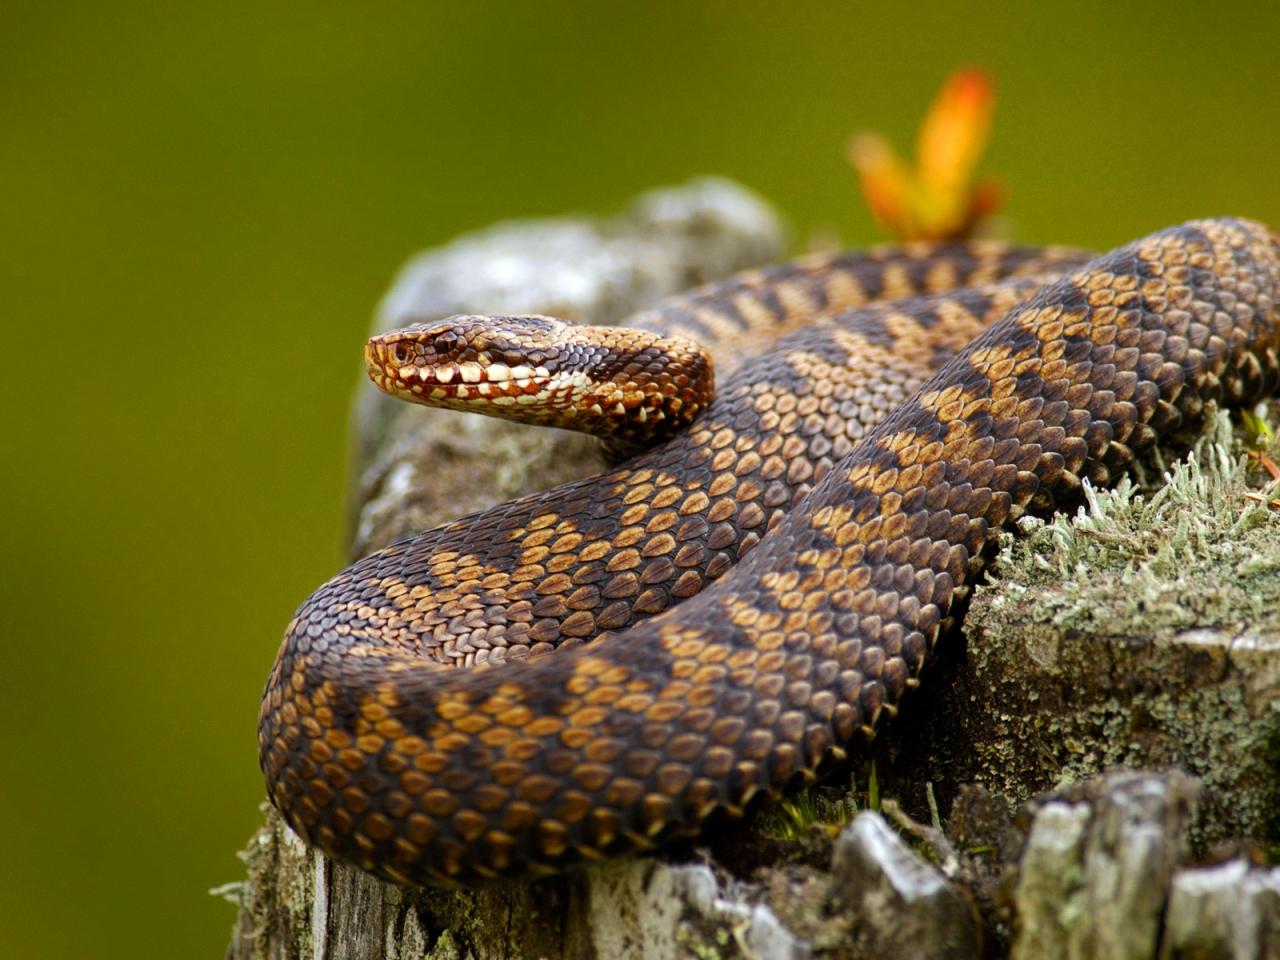 Serpientes venenosas - 1280x960